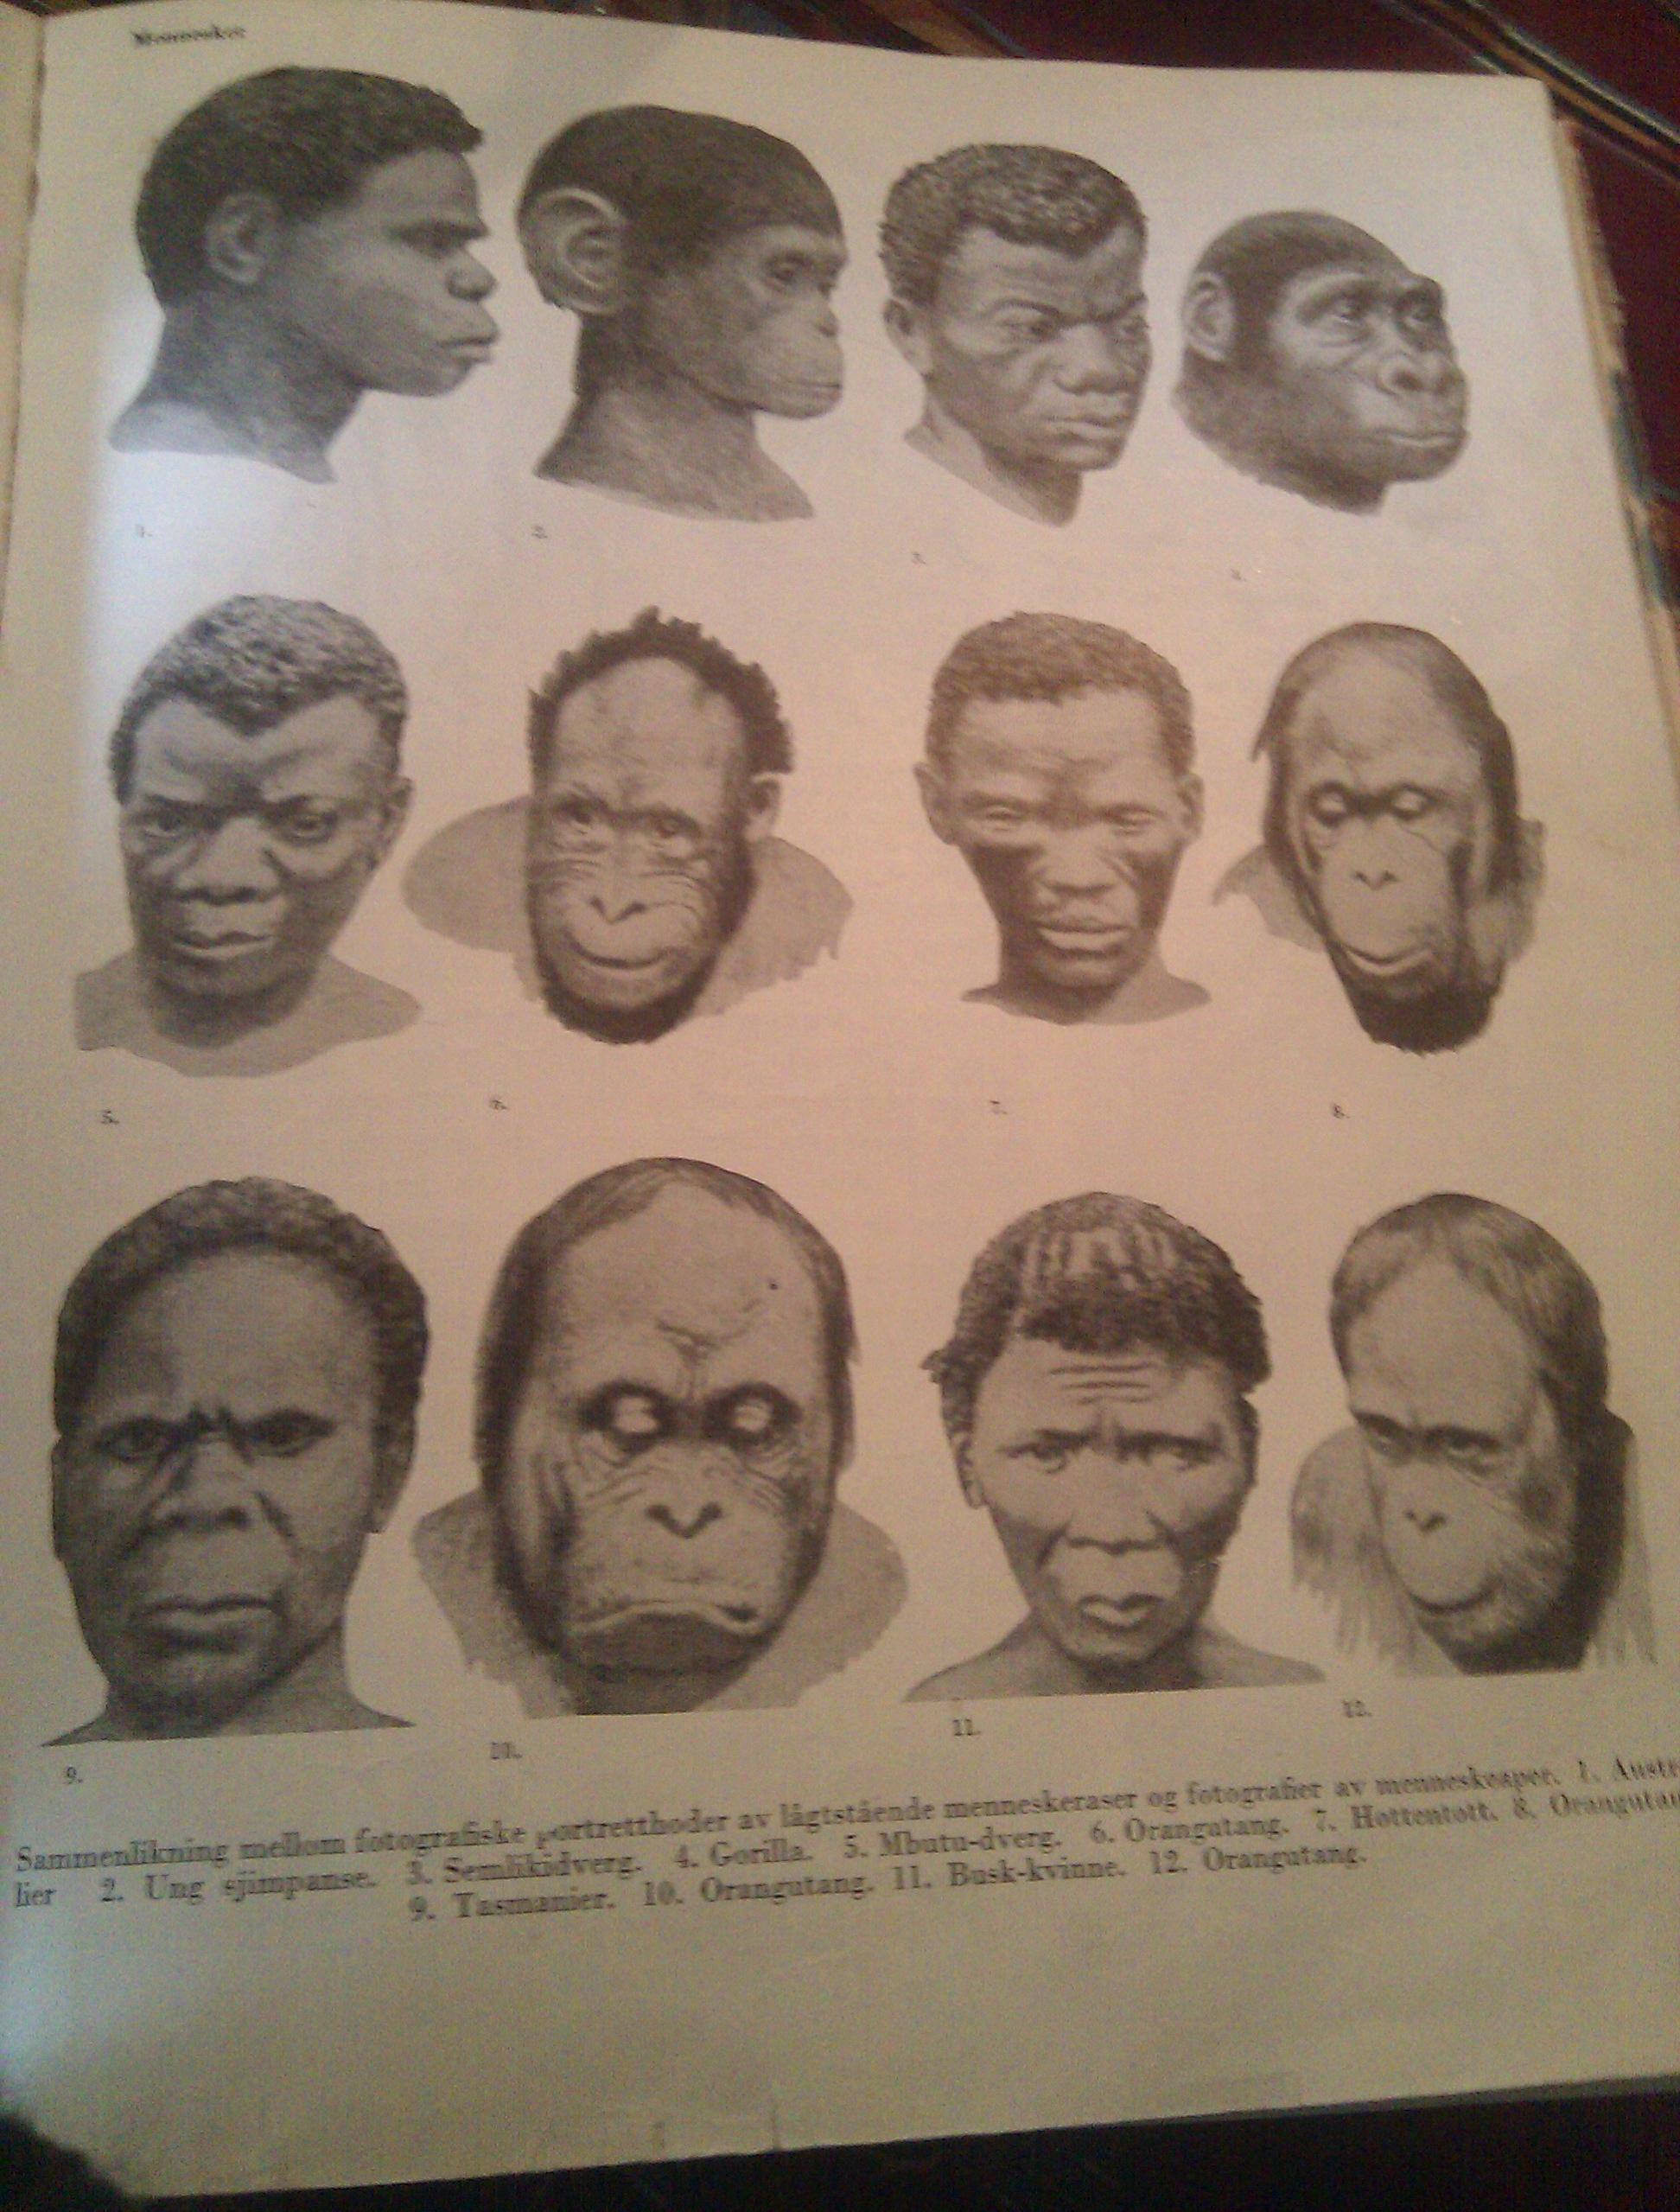 Sammenligning mellom mennesker og aper